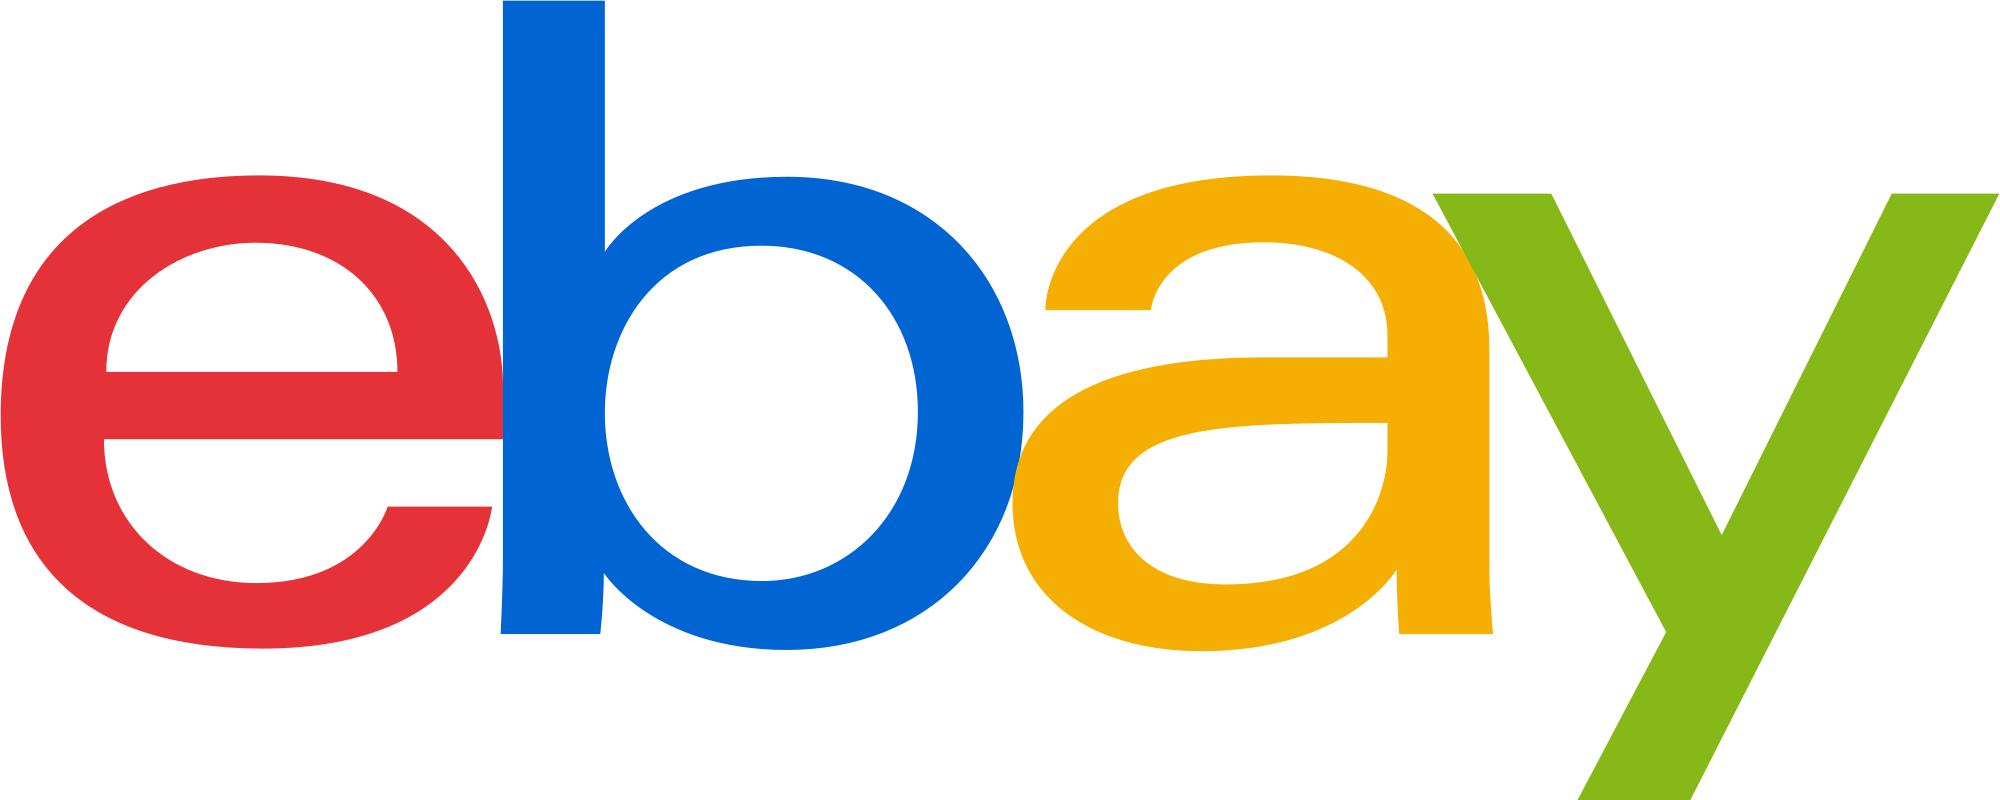 EBAY -50% Verkaufsprovision 07.03 bis 11.03.